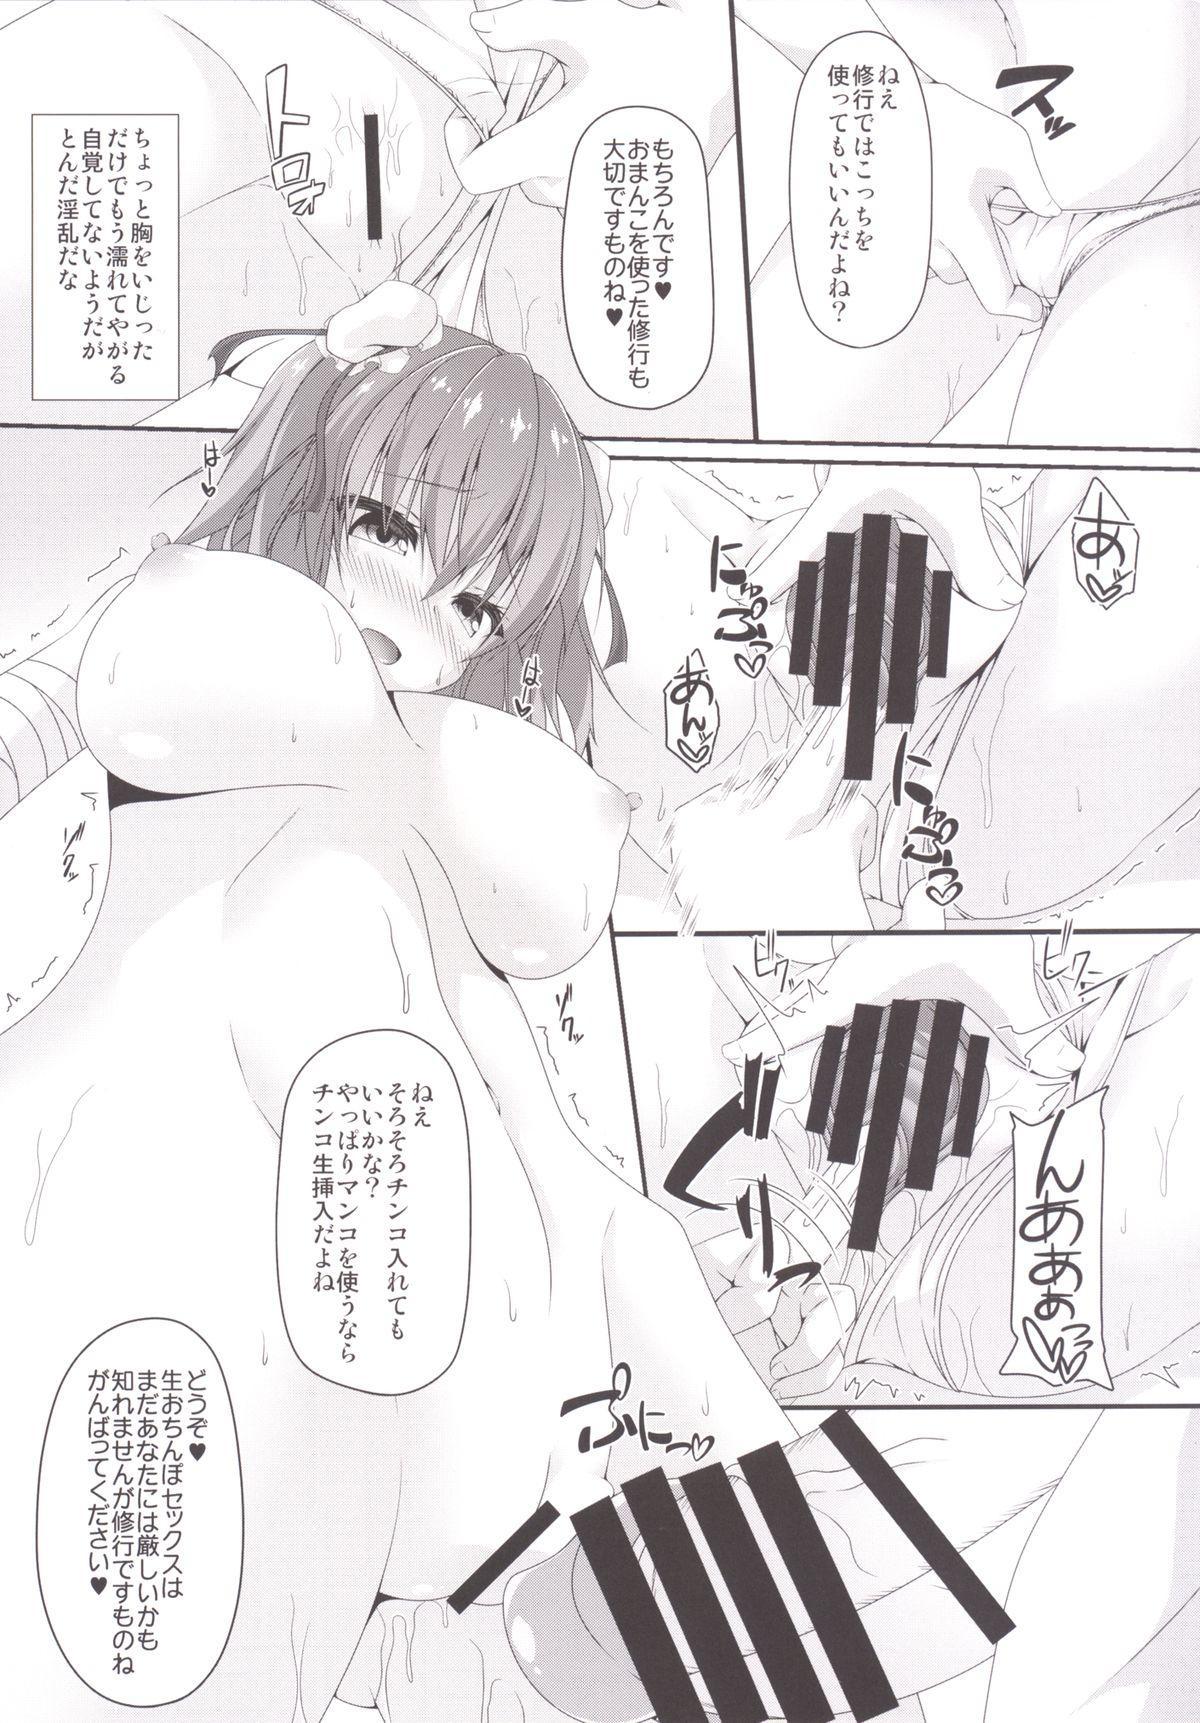 Momoiro Senjutsu 5